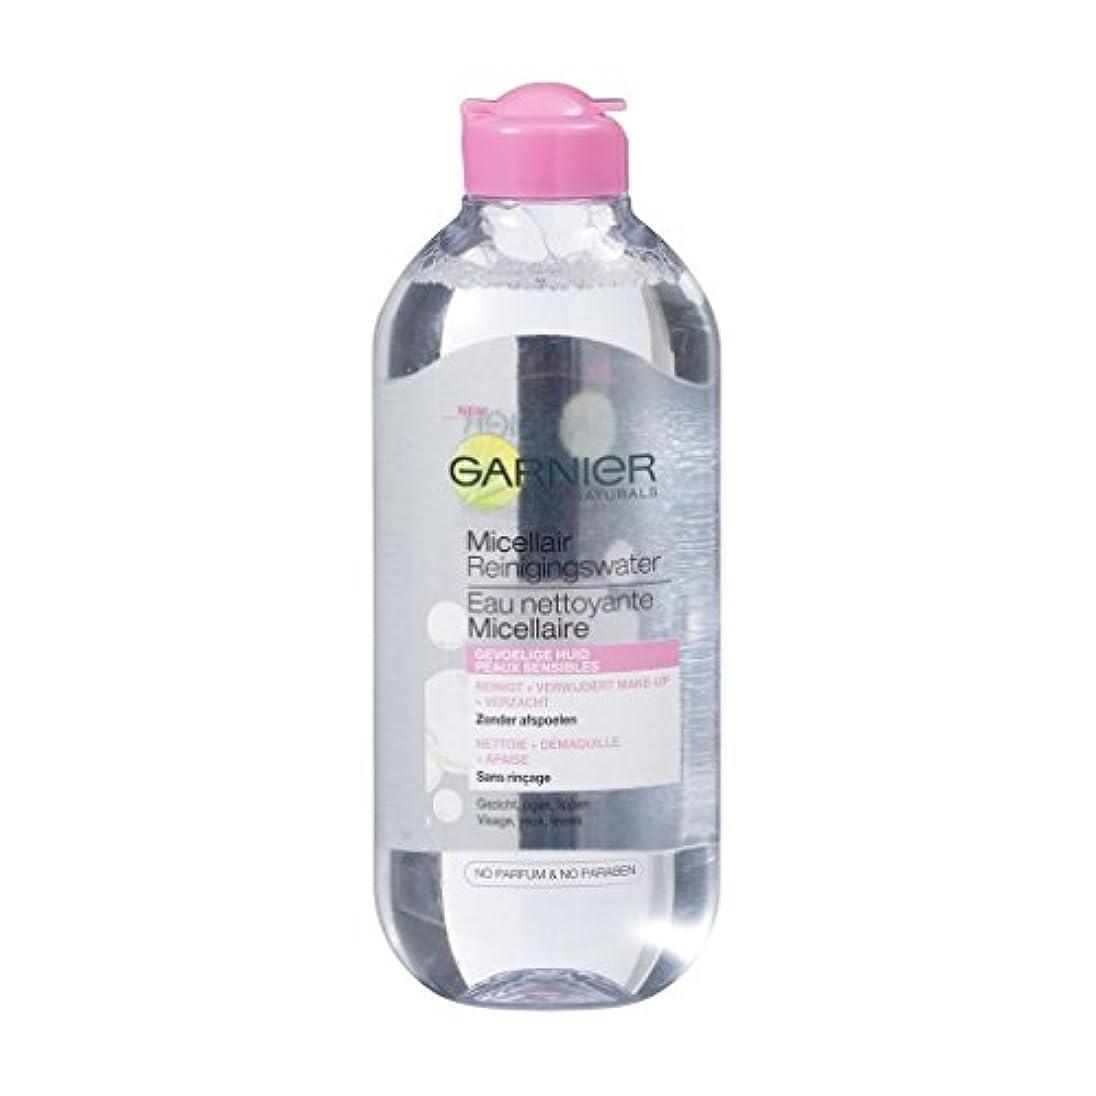 シャンプーフィード変化するガルニエ SkinActive Micellar Water (No Perfume & Paraben) - For Sensitive Skin 400ml/13.3oz並行輸入品